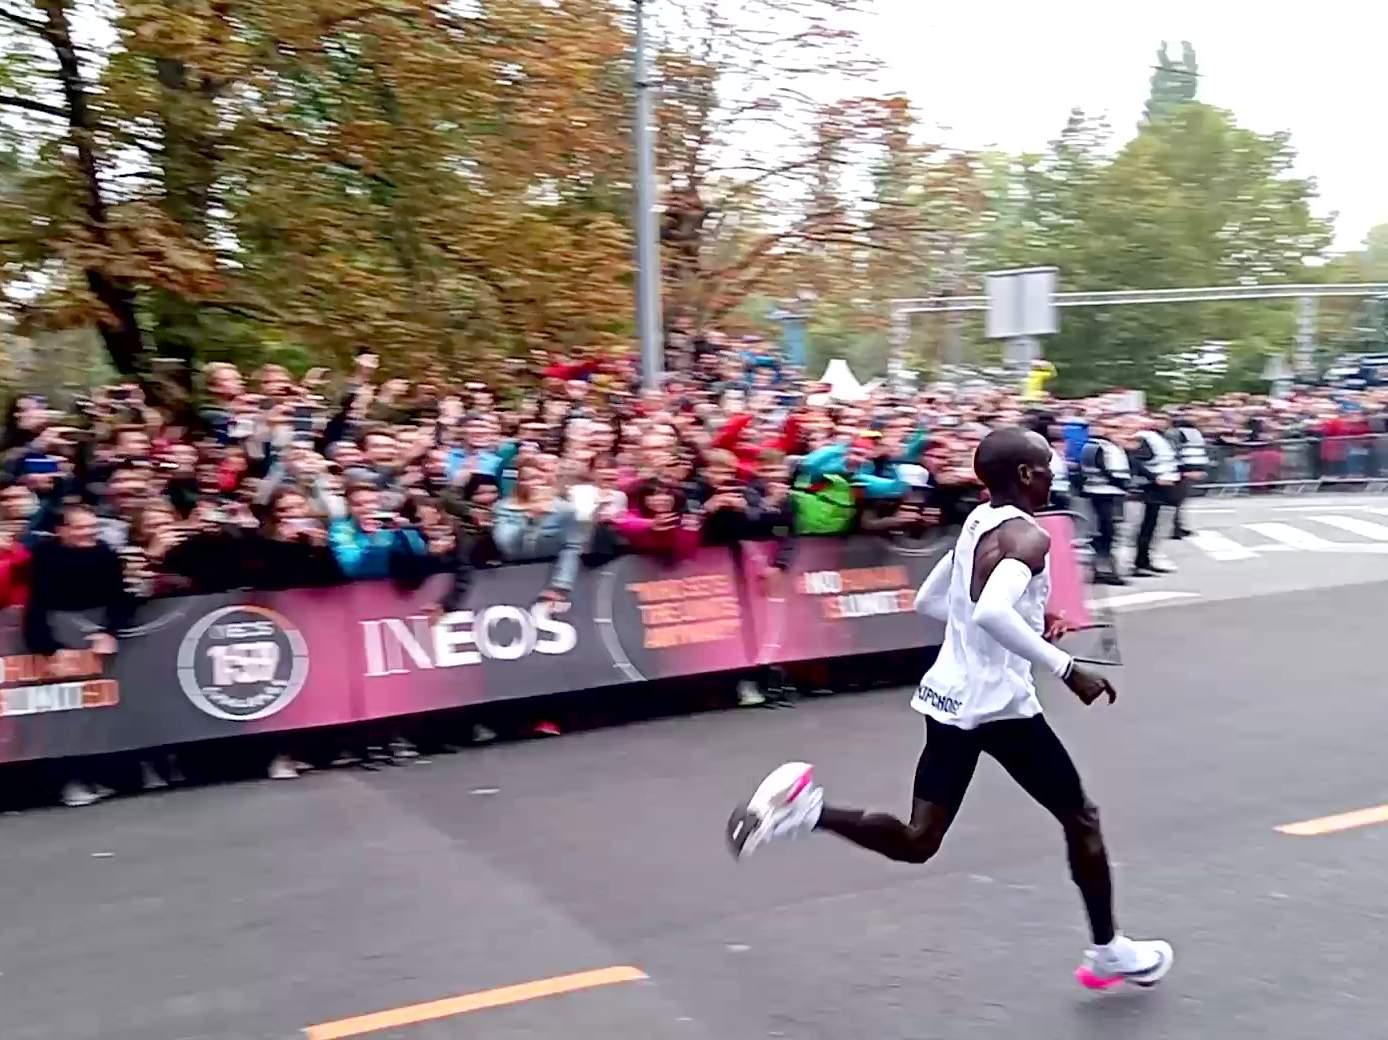 Eliud Kipchoge running a sub-2-hour marathon